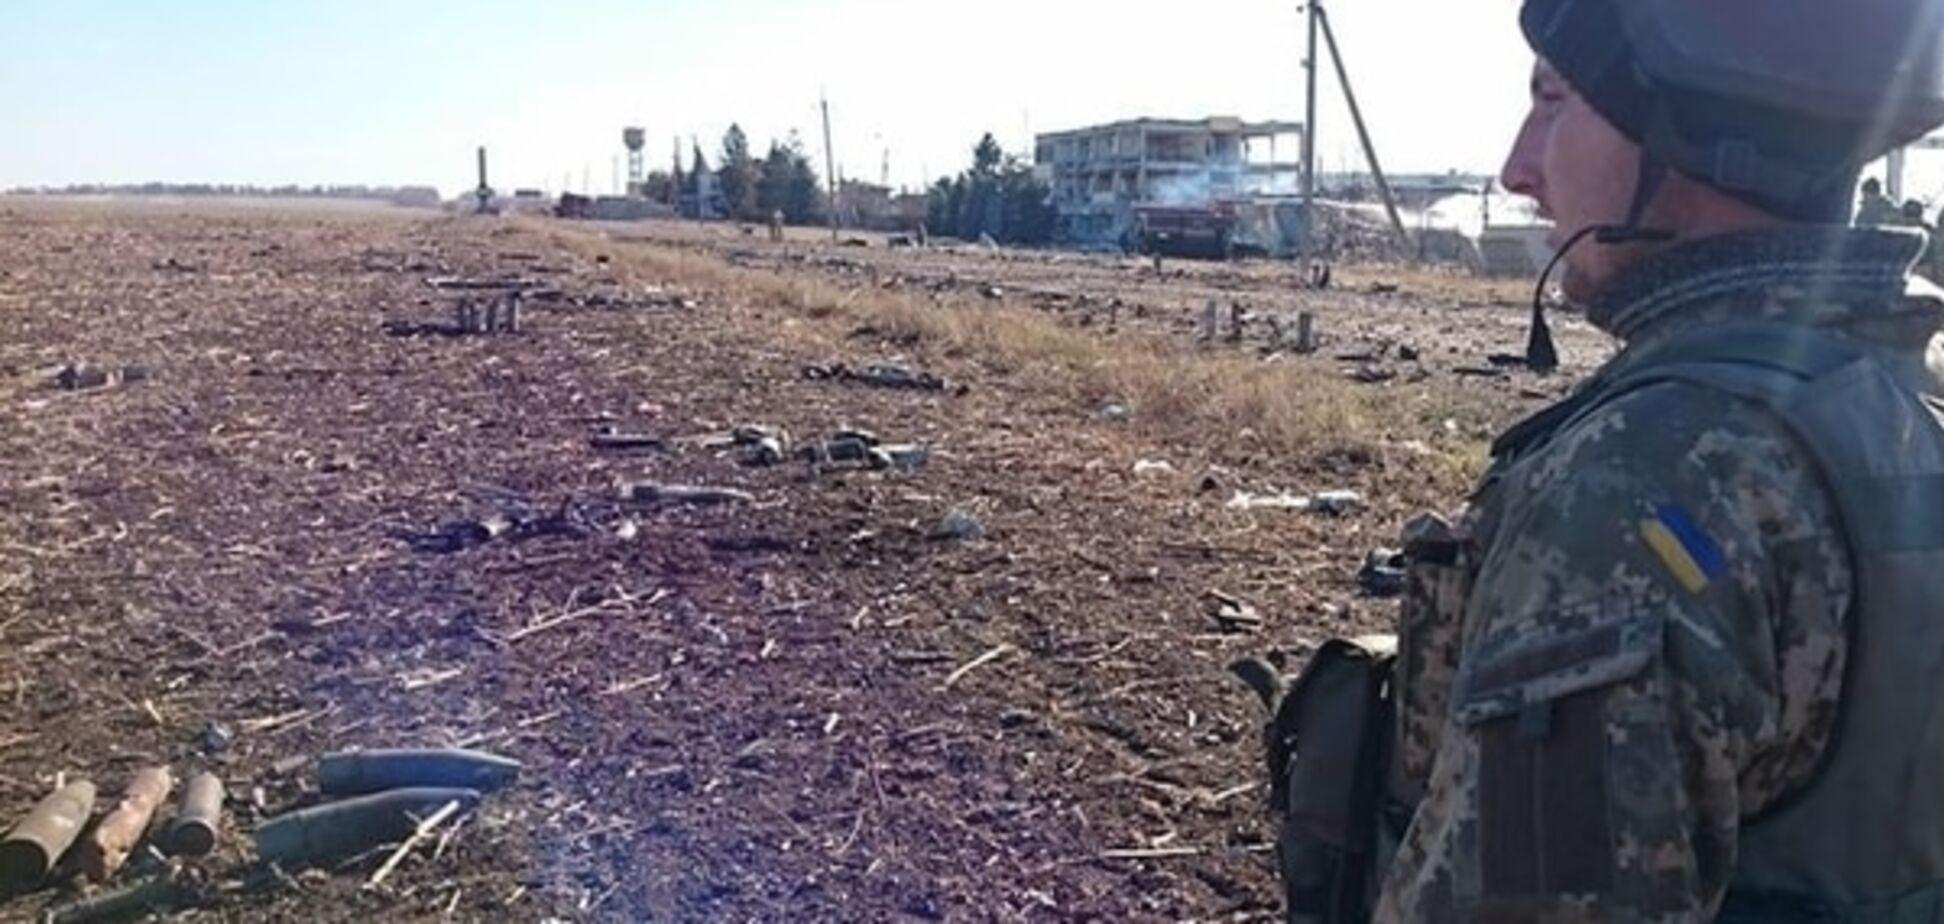 Взрыв в Сватово: теракт или попытка скрыть продажу снарядов